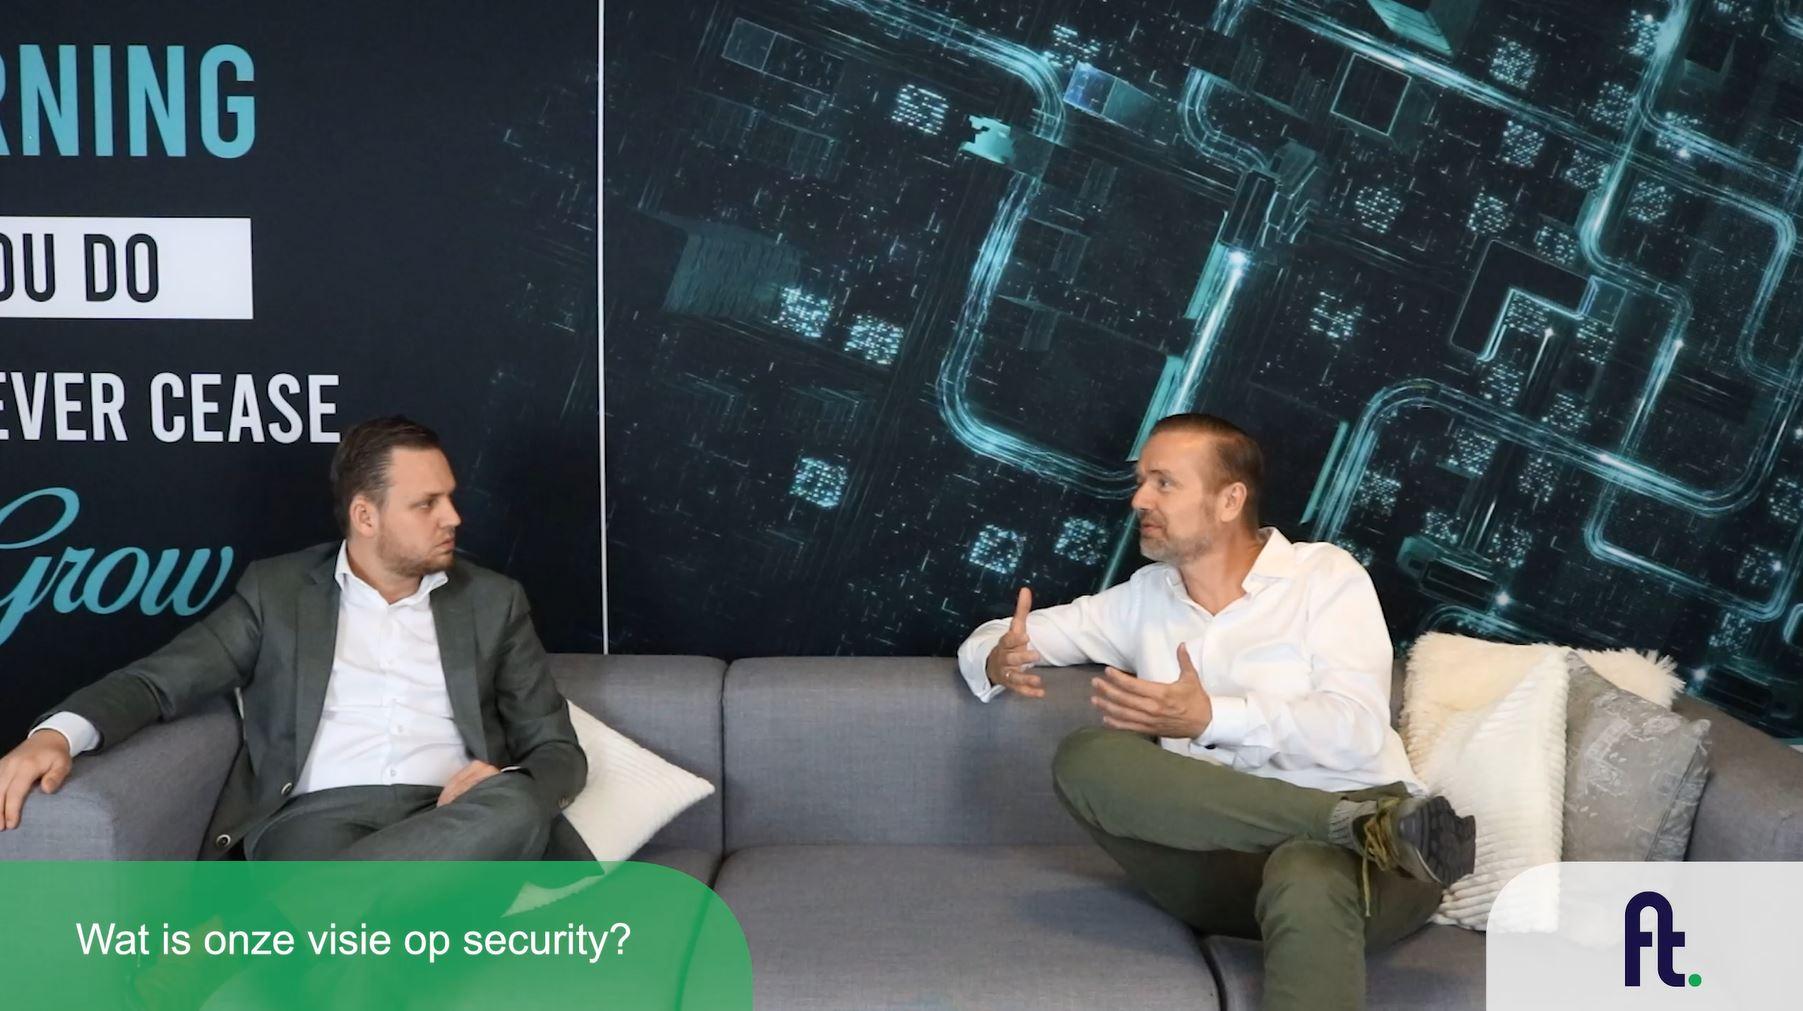 Onze visie op security